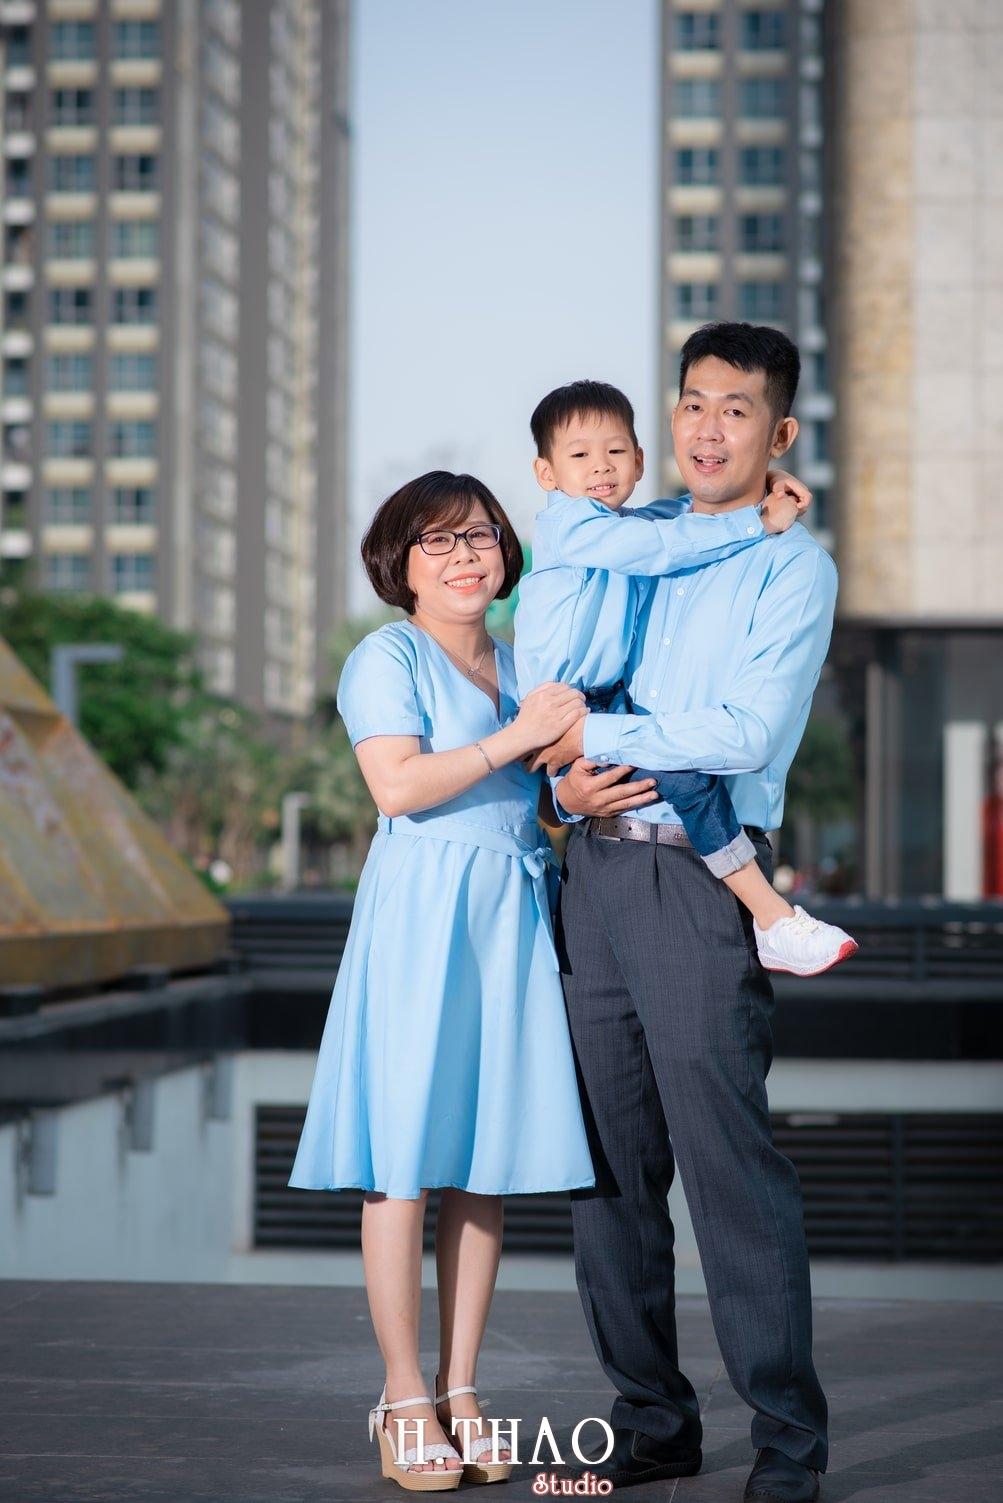 Anh gia dinh landmark 4 - Album ảnh gia đình chị Tâm chụp tại Vinhome Central Park